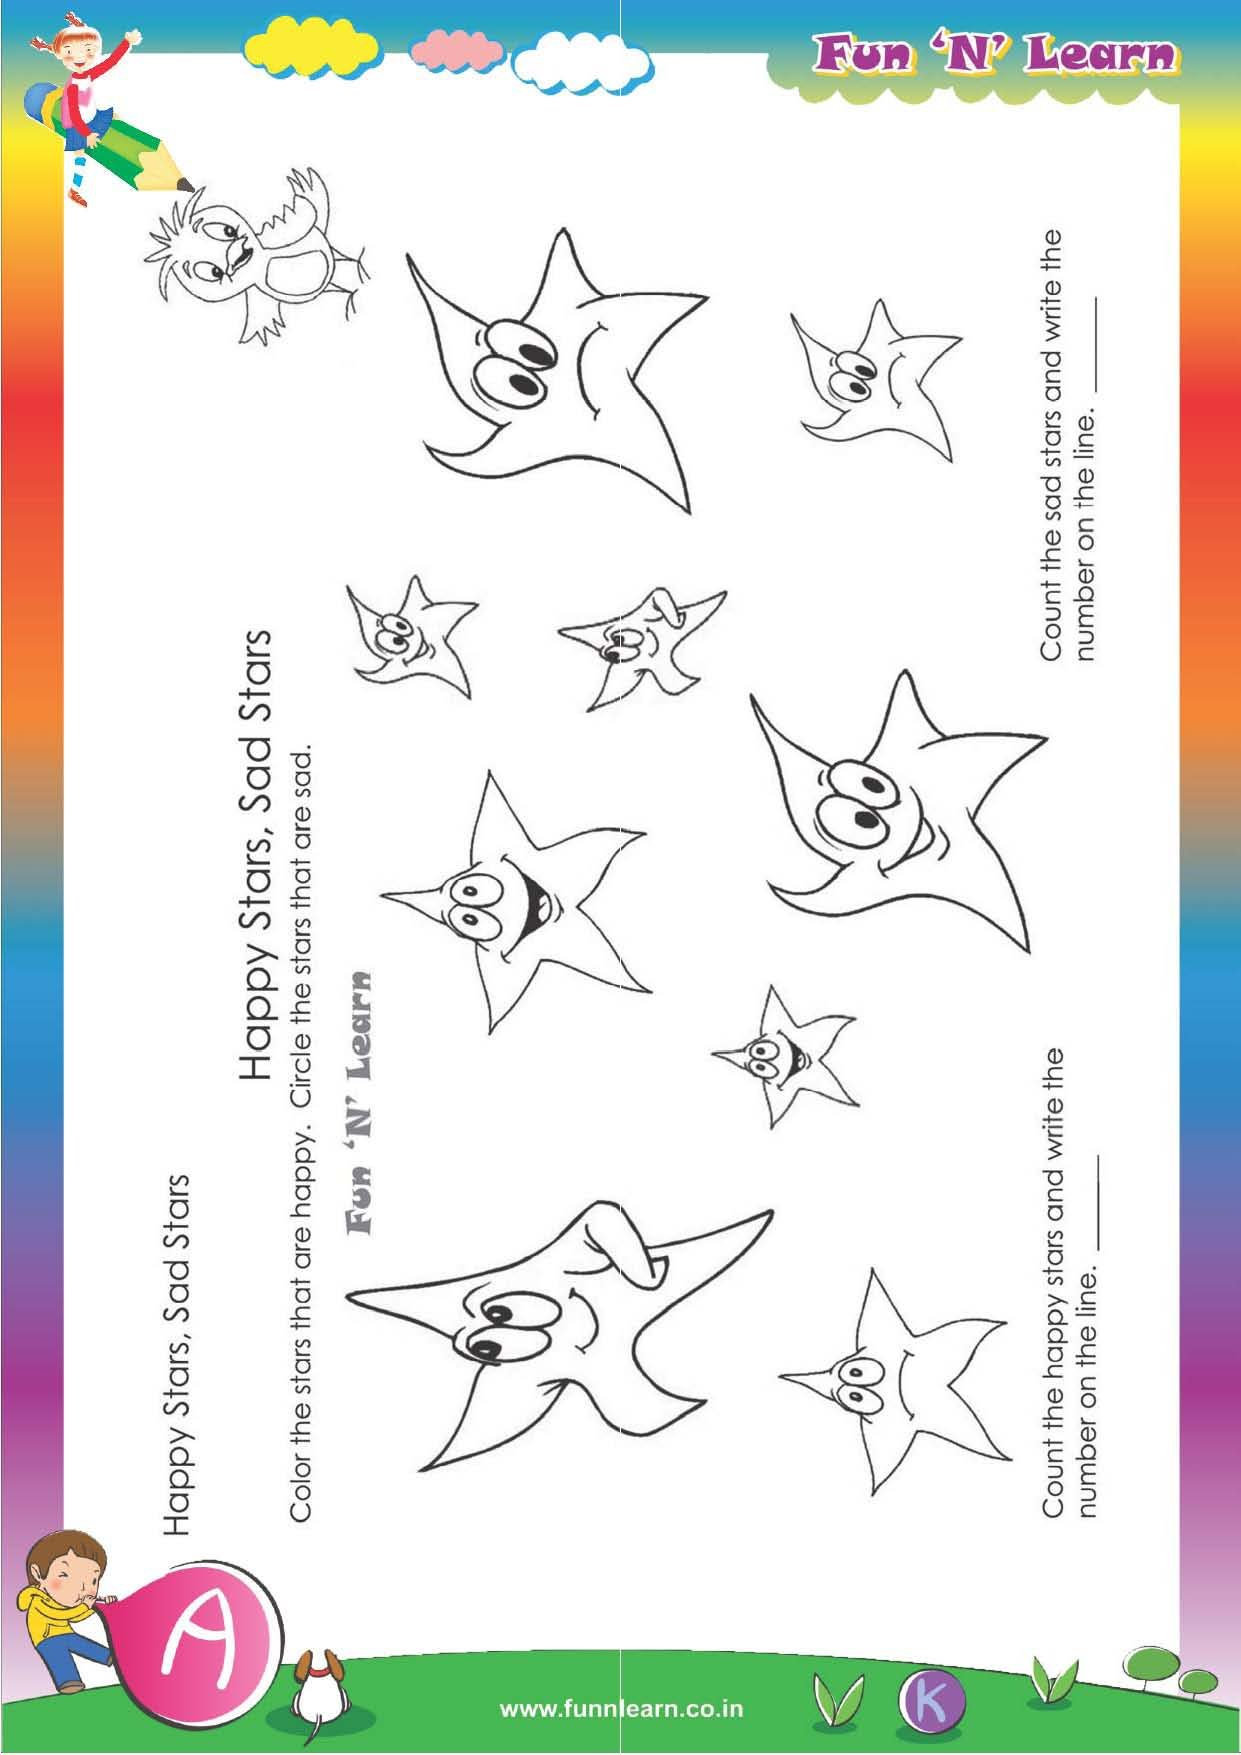 Buy Fun N Learn Worksheets Grade Nursery 3 Months Bundled Package